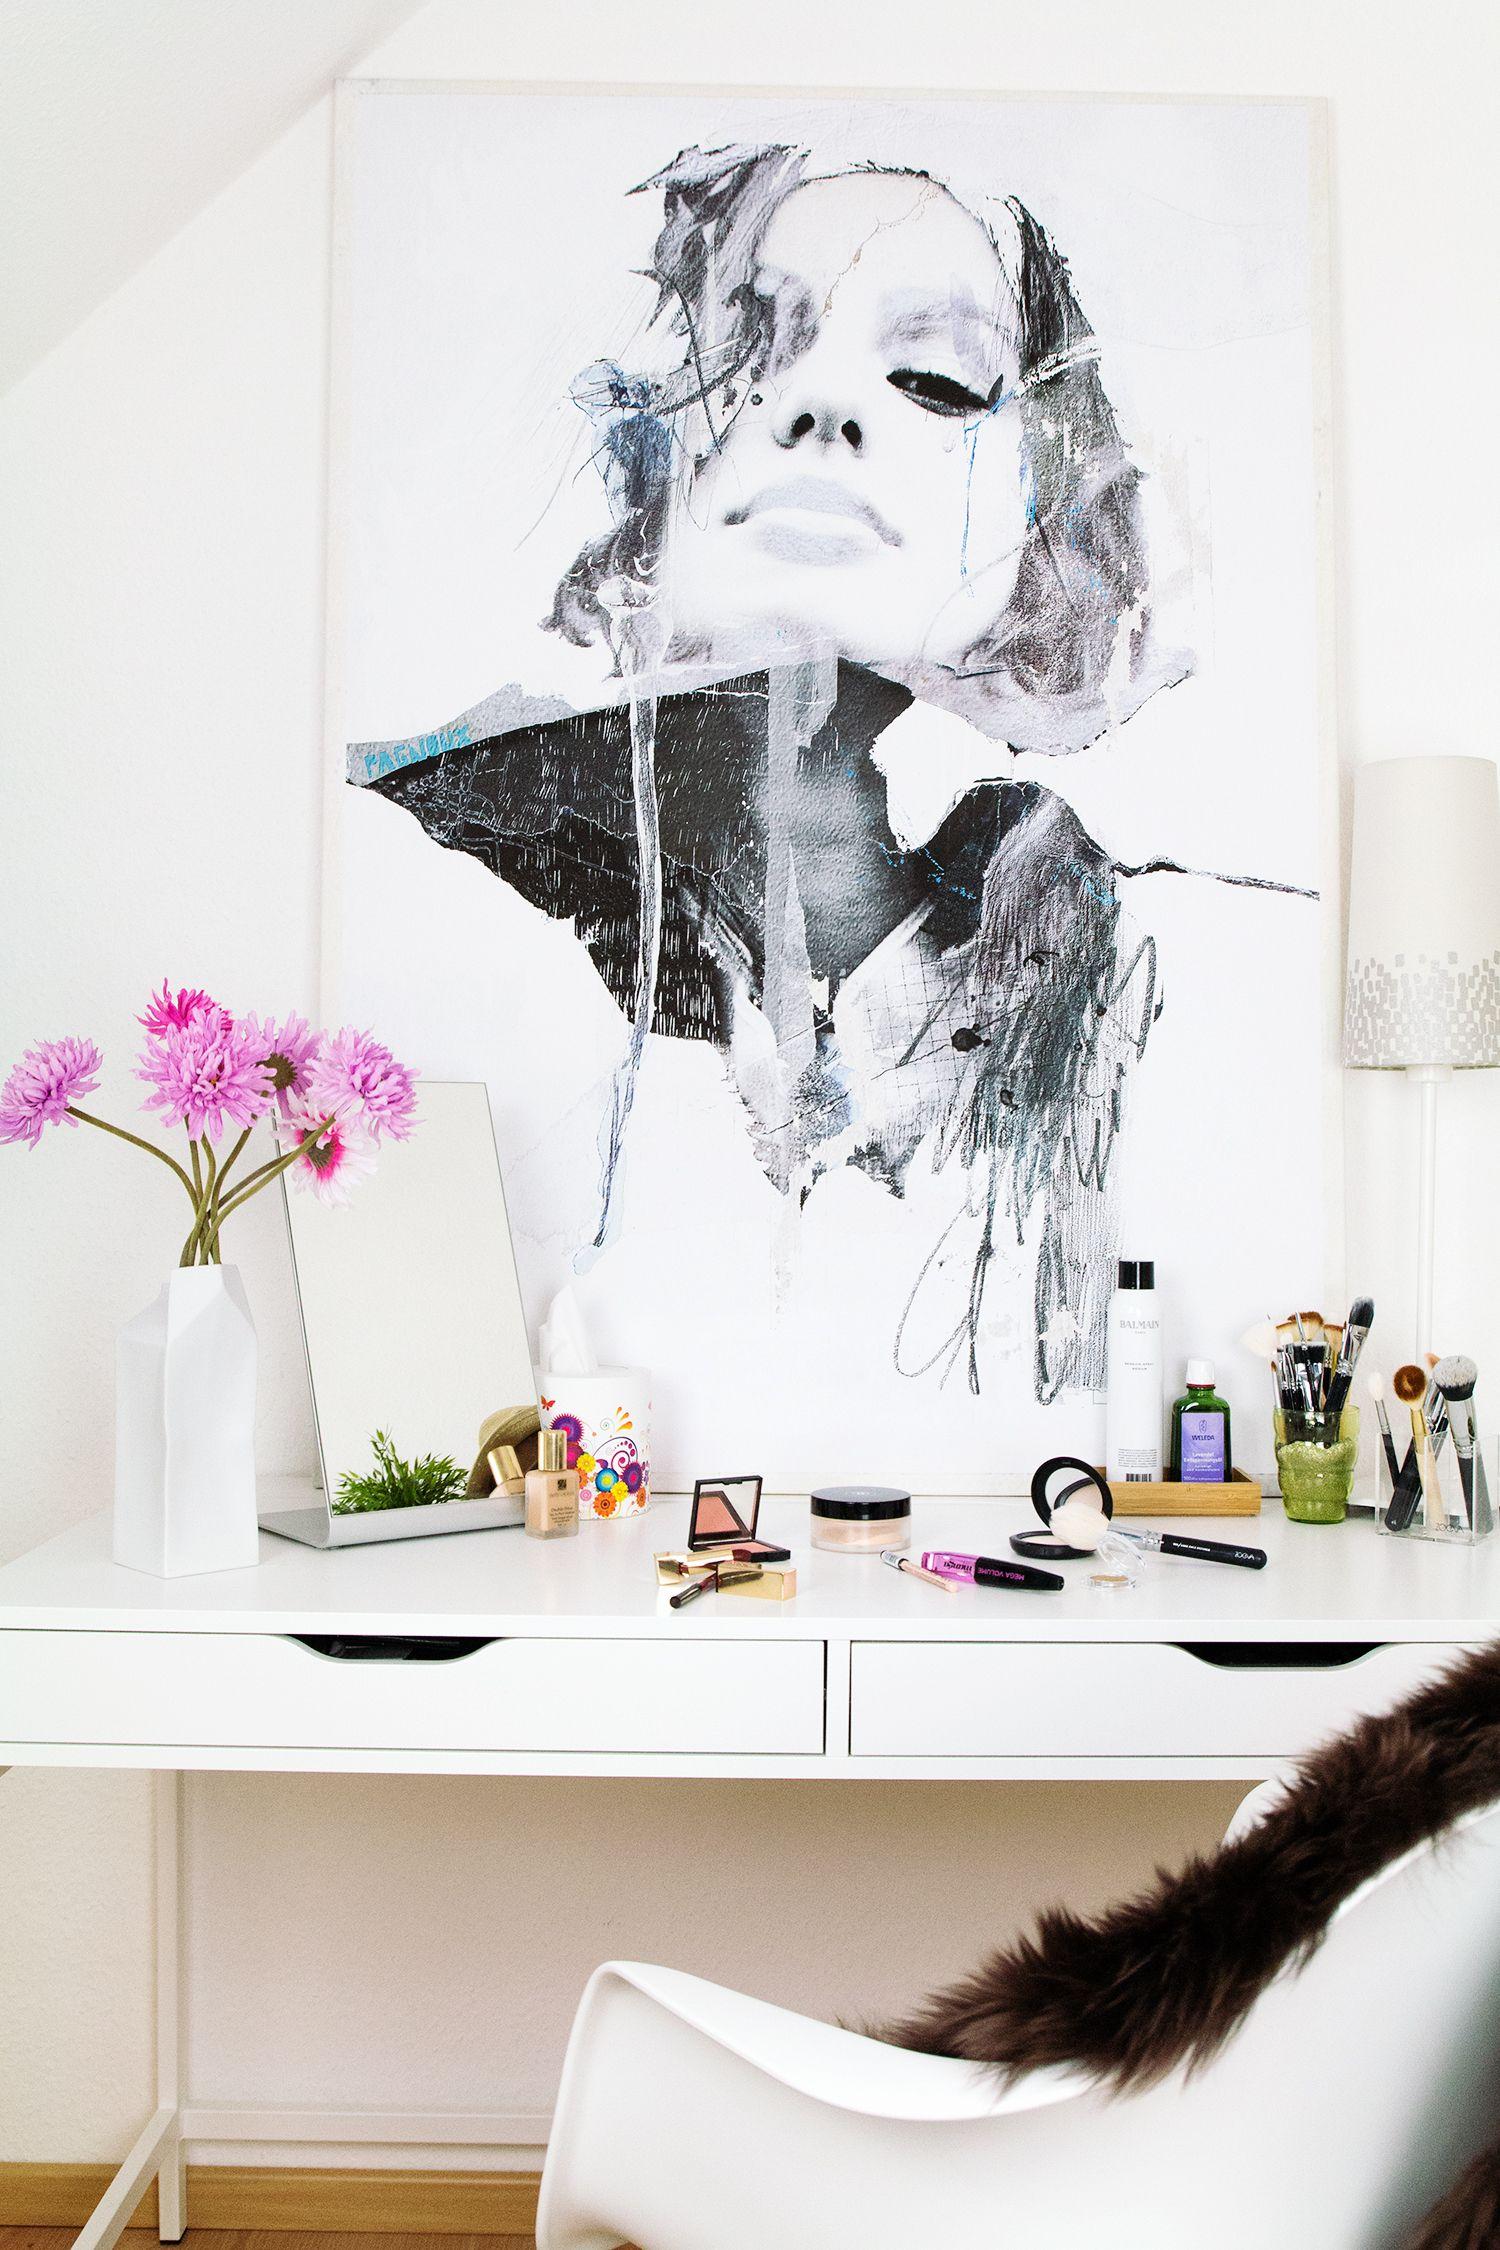 gestaltungsideen f r schmink und schreibtisch so bringe ich pepp in meine wohnung mit. Black Bedroom Furniture Sets. Home Design Ideas